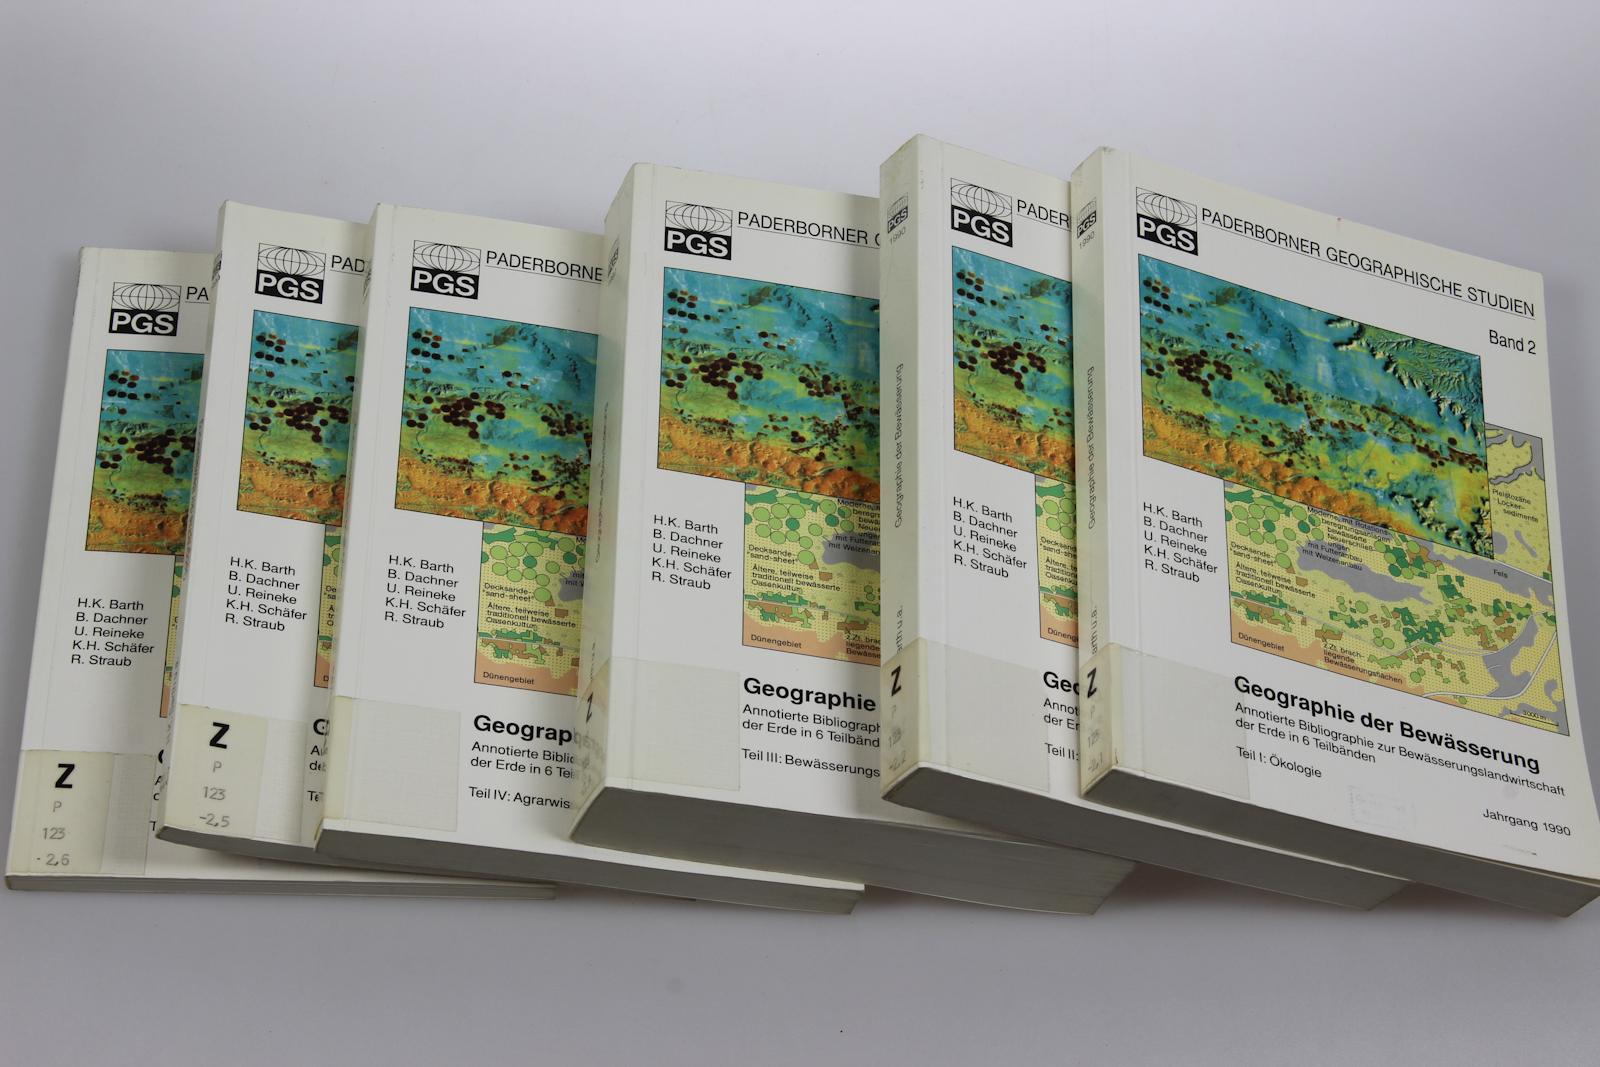 Geographie der Bewässerung. Annotierte Bibliographie zur Bewässerungslandwirtschaft der Erde in 6 Teilbänden. (=Paderborner Geographische Studien; Band 2/ I-VI, 1990). [6 Bd.].